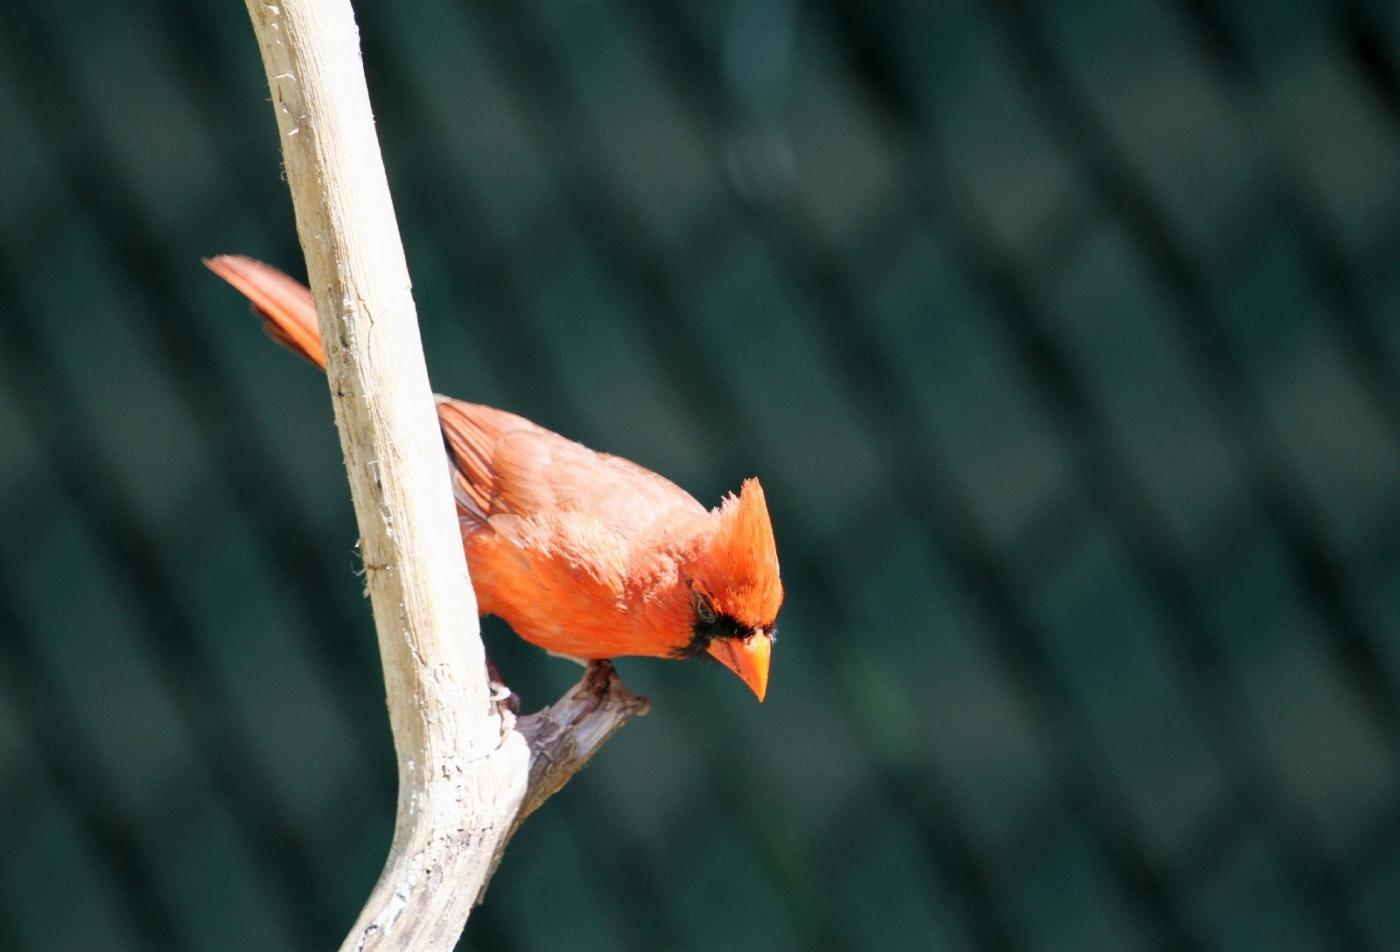 【田螺摄影】做个漂亮的喂鸟器更吸引红衣主教_图1-15